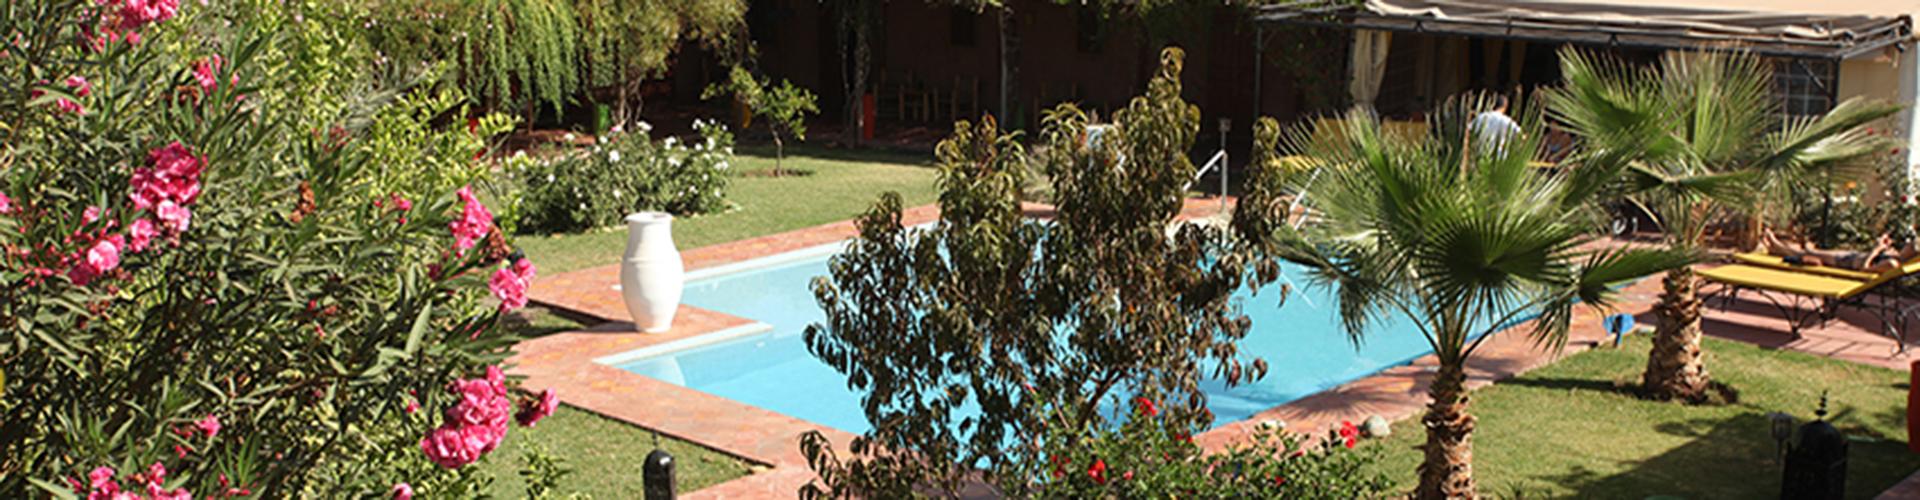 Handi Oasis. Vista del jardín